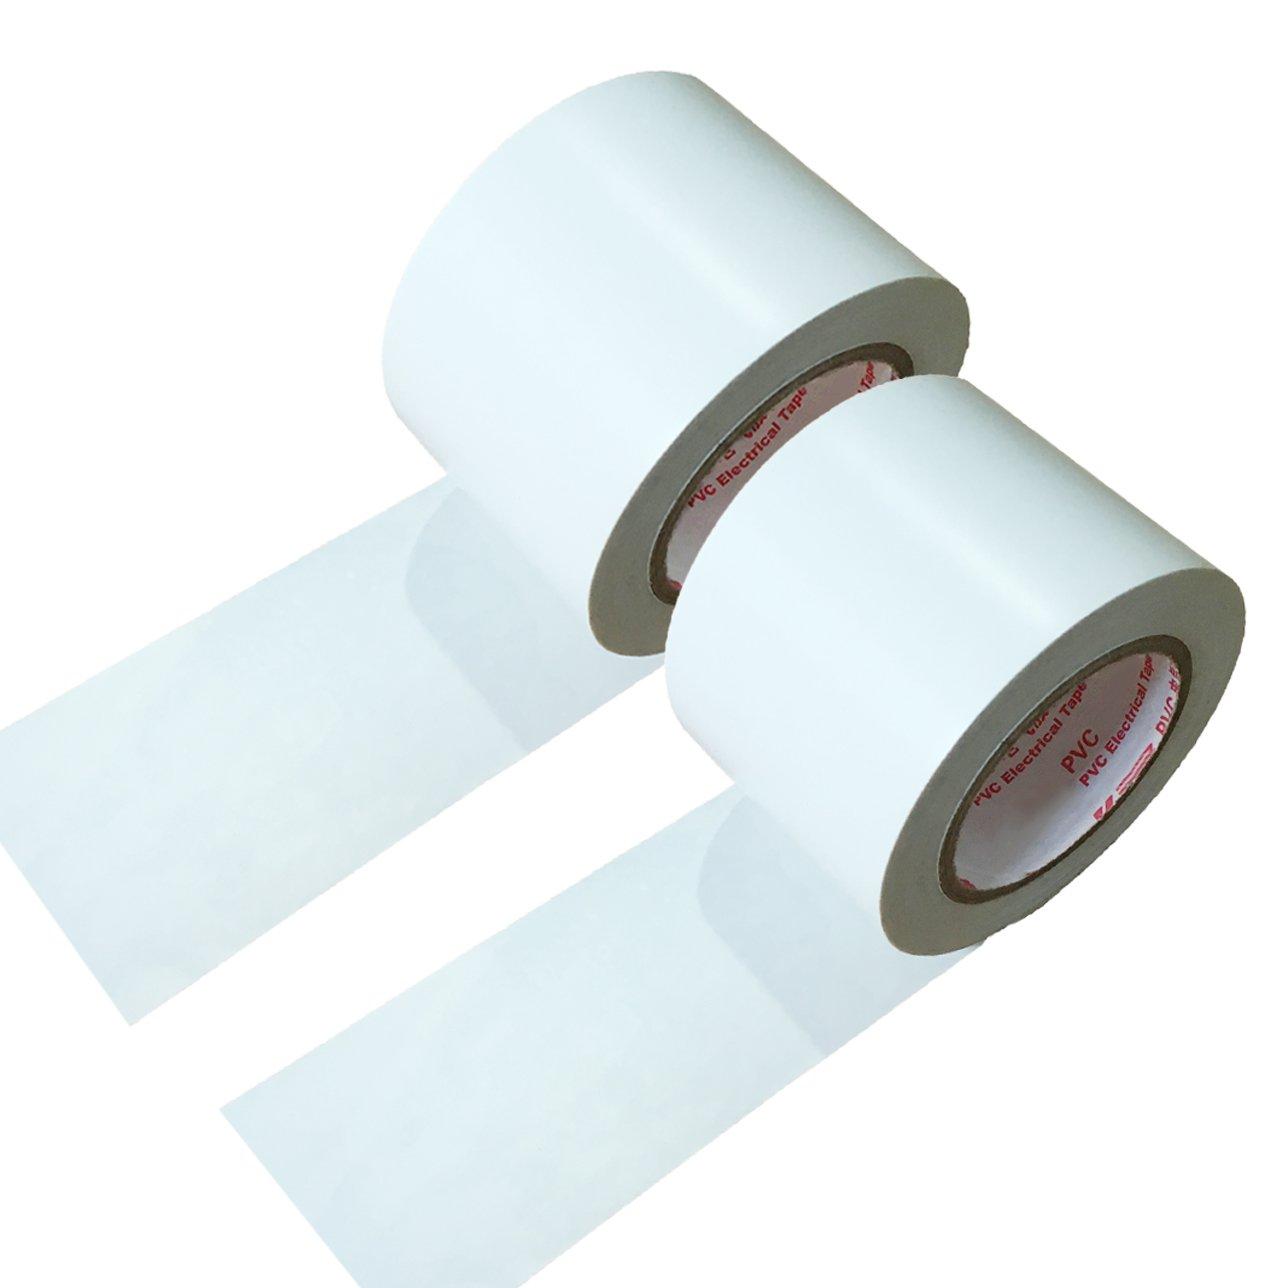 maveek 2 rollos cinta aislante 50 mm * 15 m de silicona resistente al agua aislamiento de reparació n cinta blanco